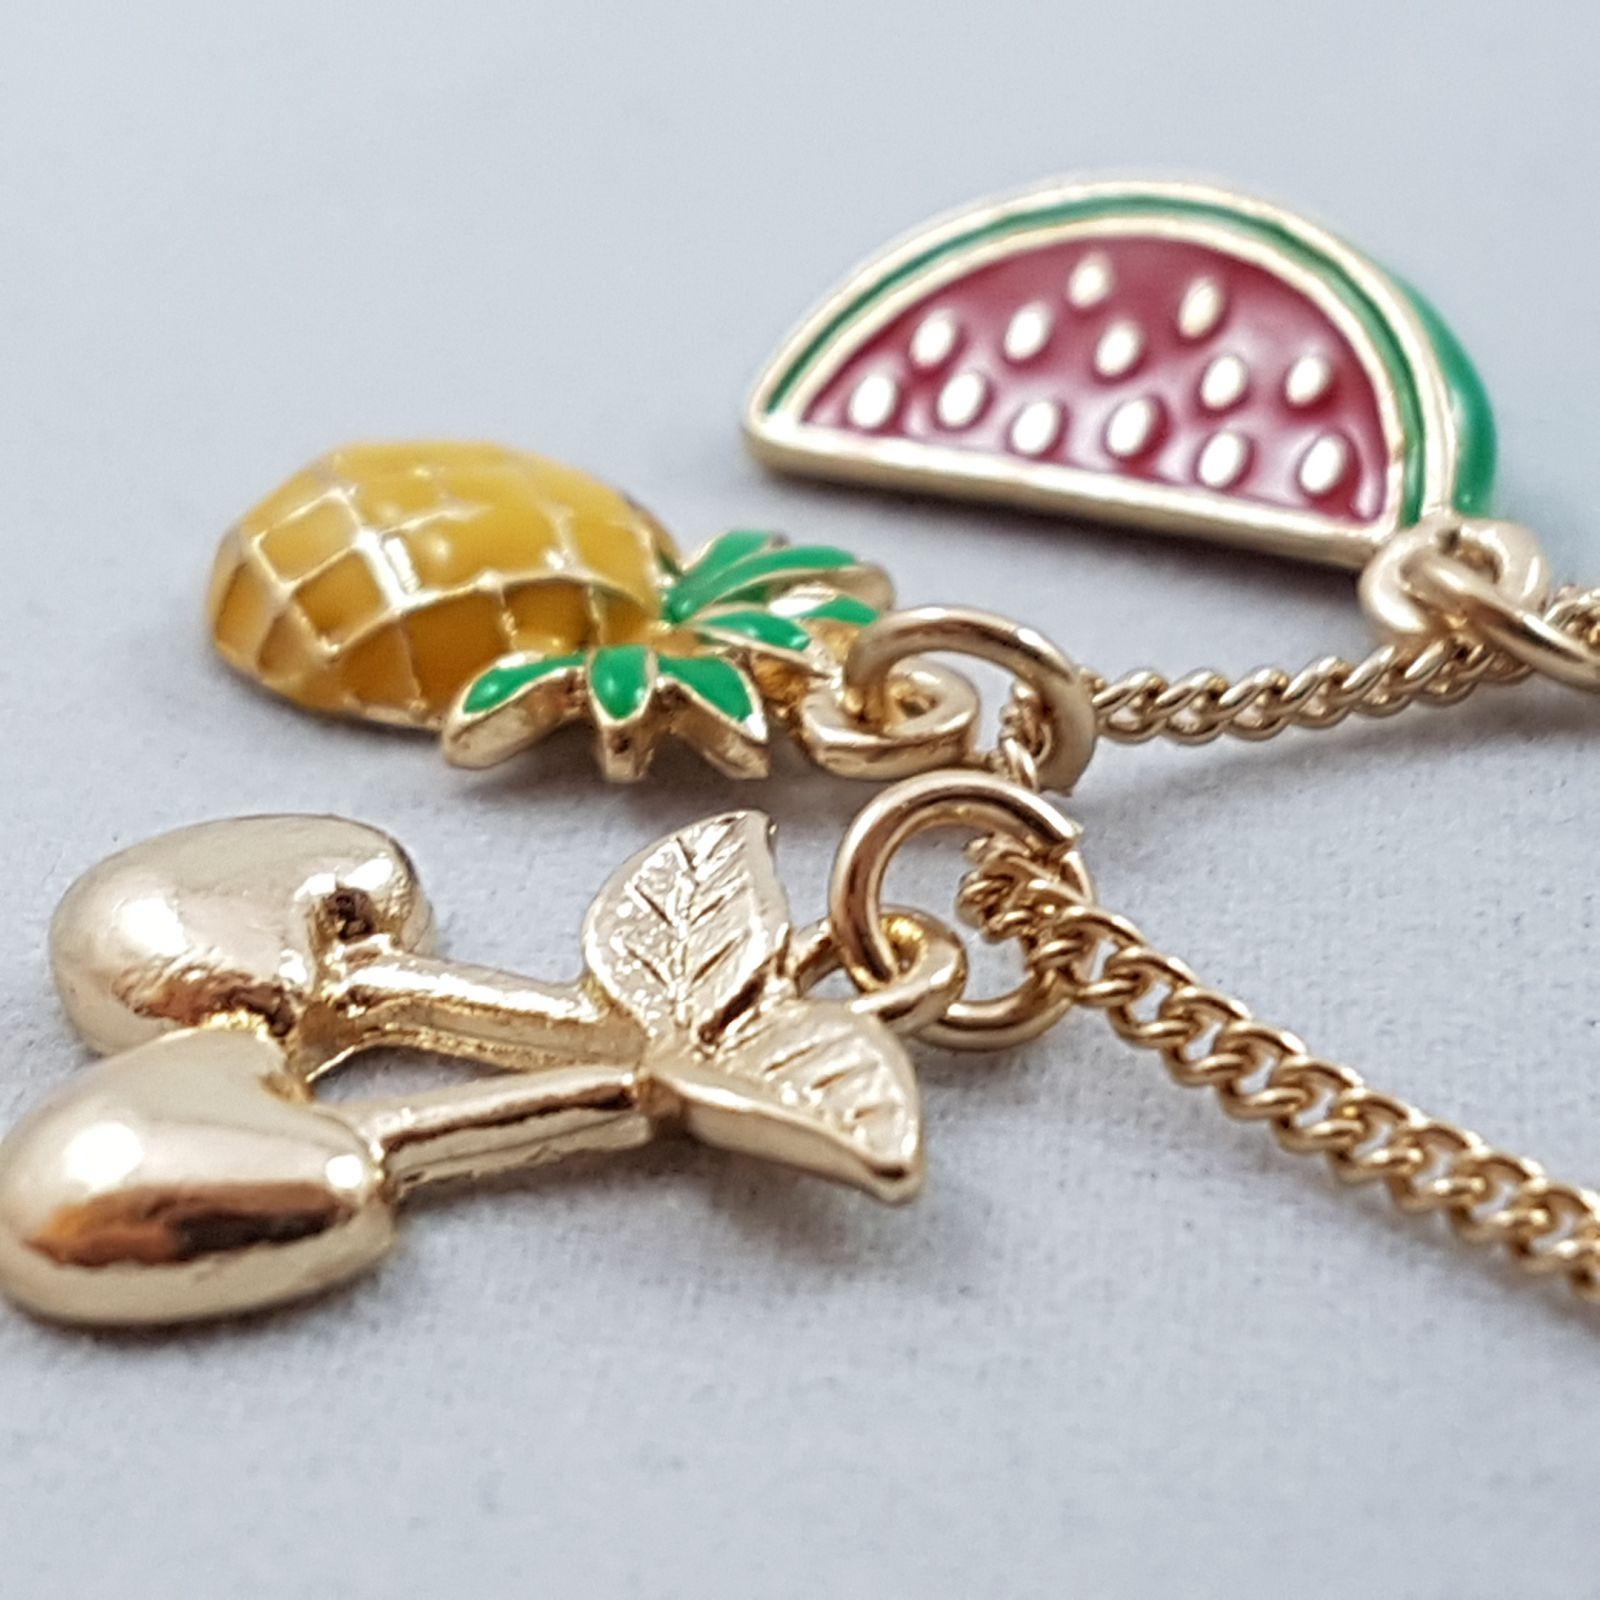 Náhrdelník Ananas, meloun a višně na zlatém řetízku GIIL